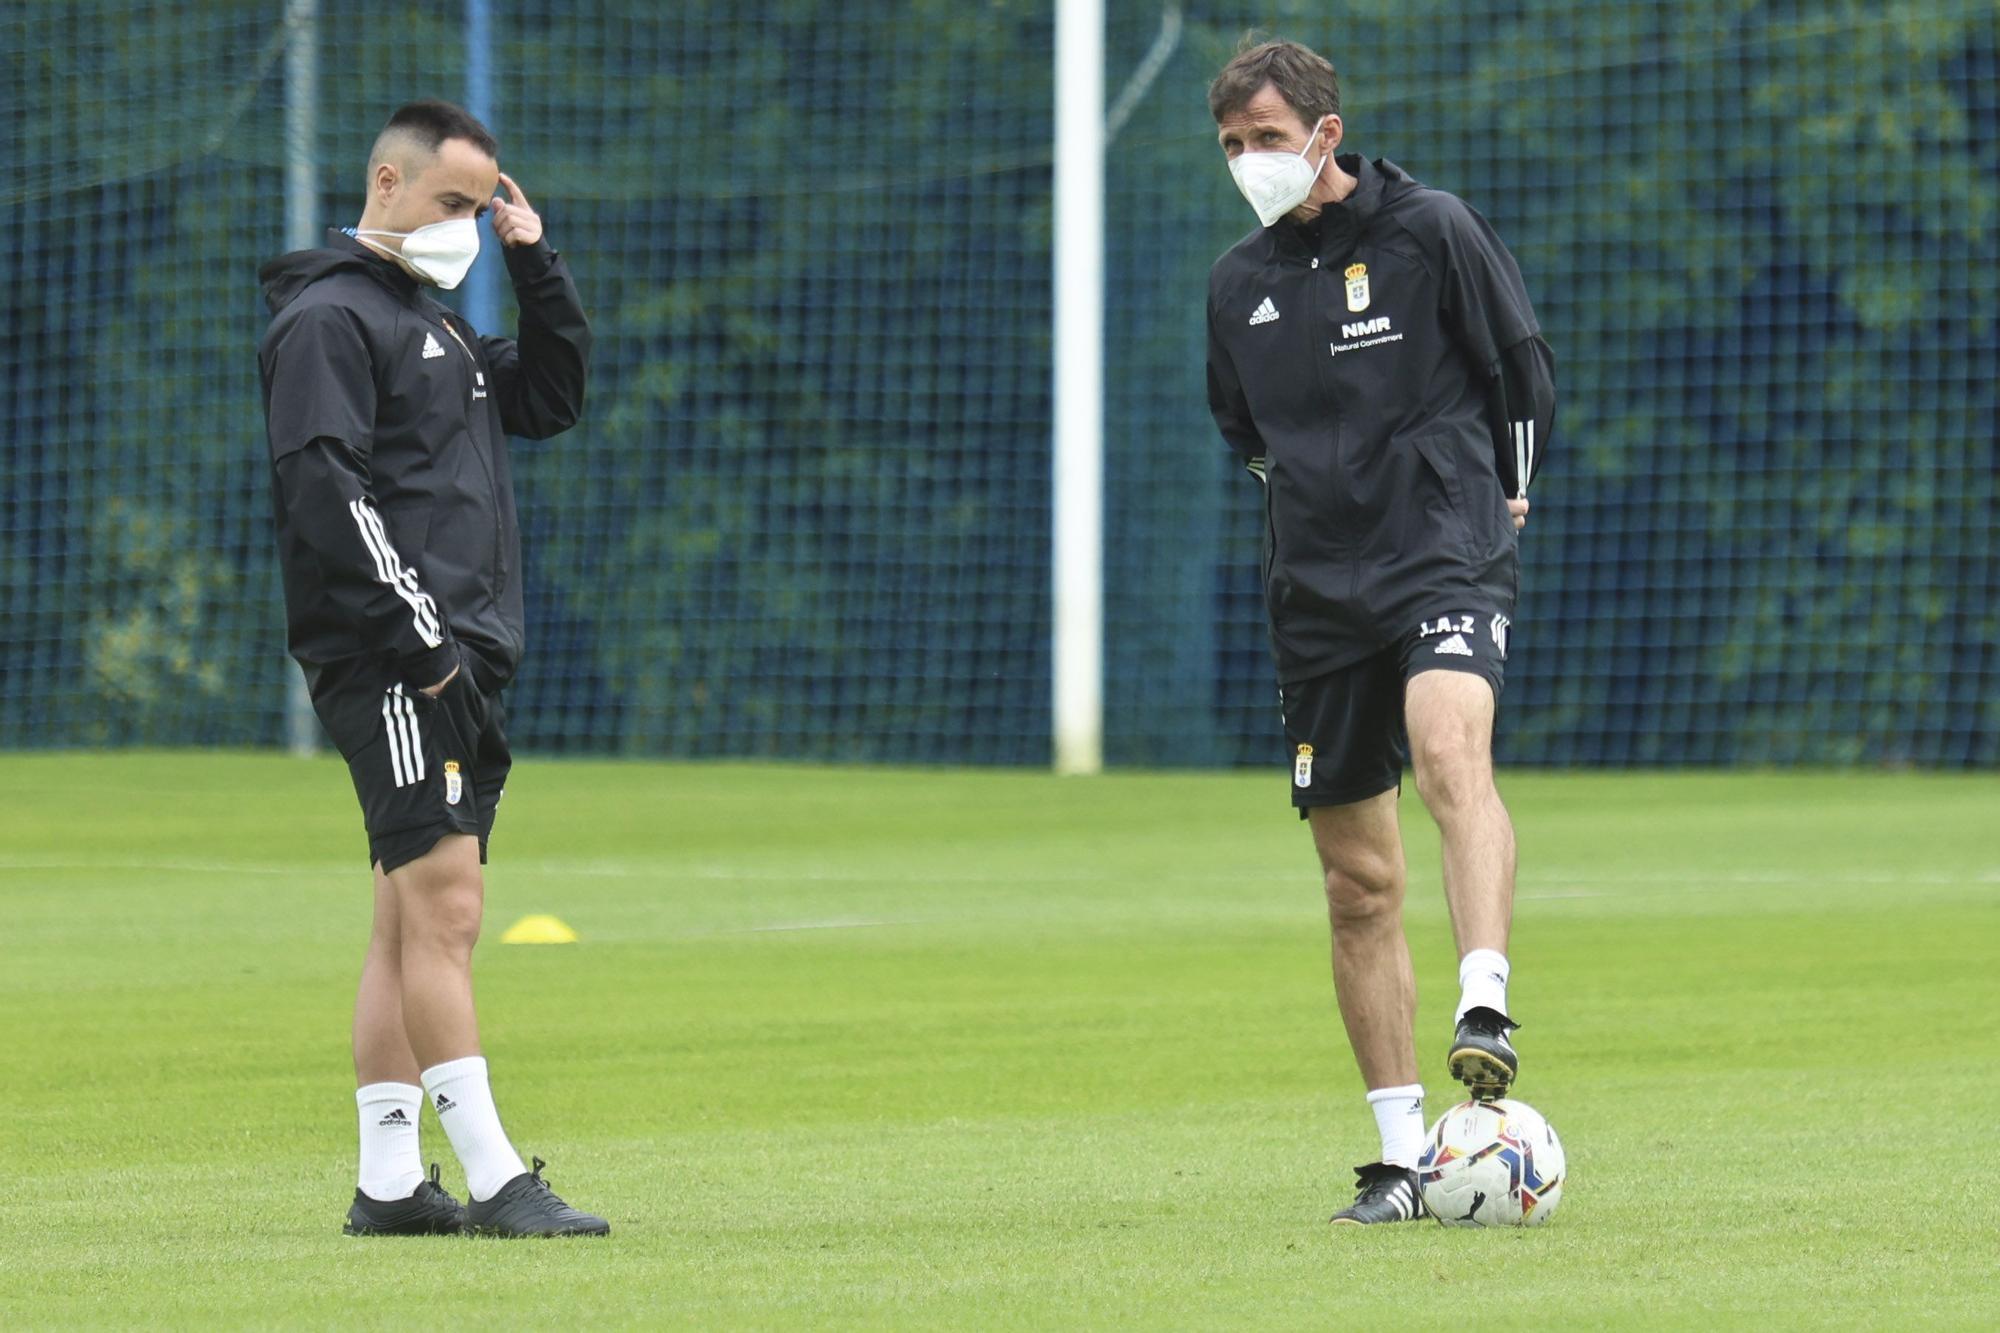 El entrenamiento del Oviedo tras perder en Girona